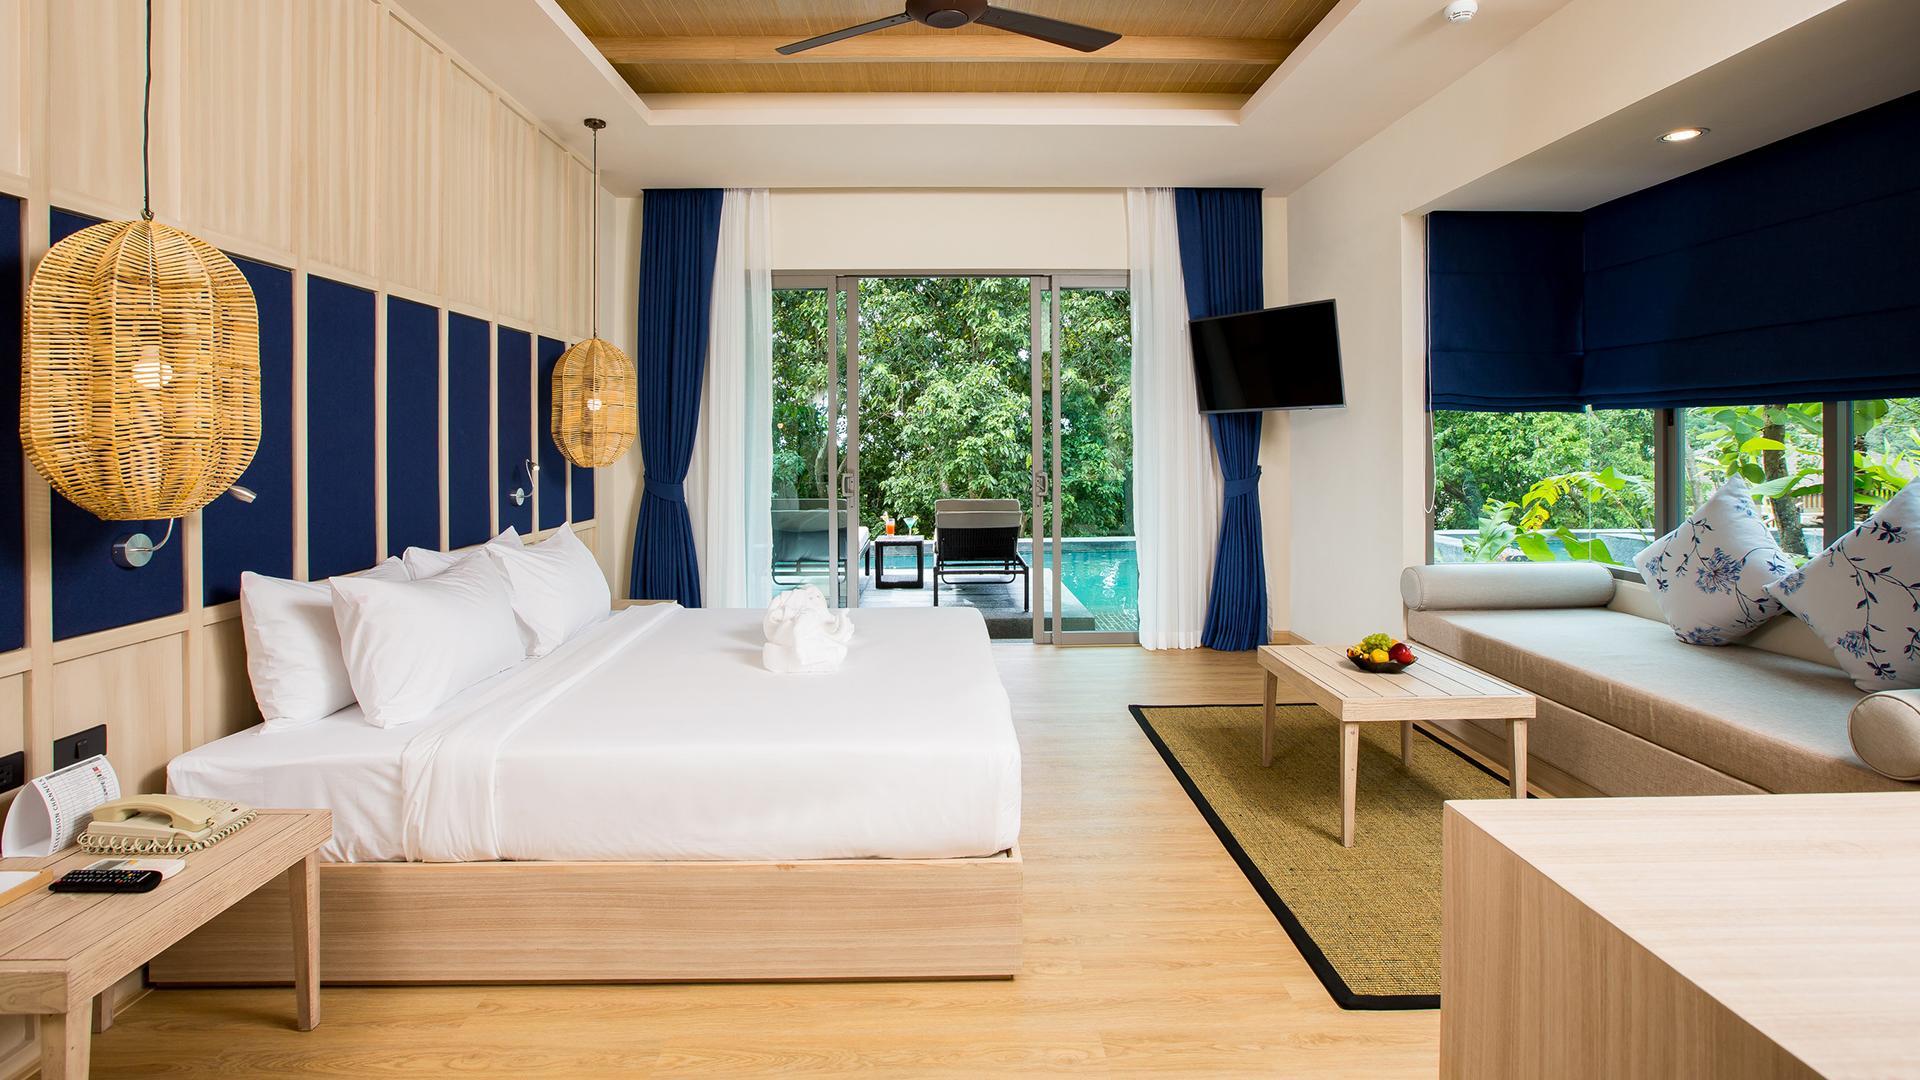 Aqua Deluxe Pool Access Room image 1 at Mandarava Resort and Spa Karon Beach by Amphoe Mueang Phuket, Chang Wat Phuket, Thailand